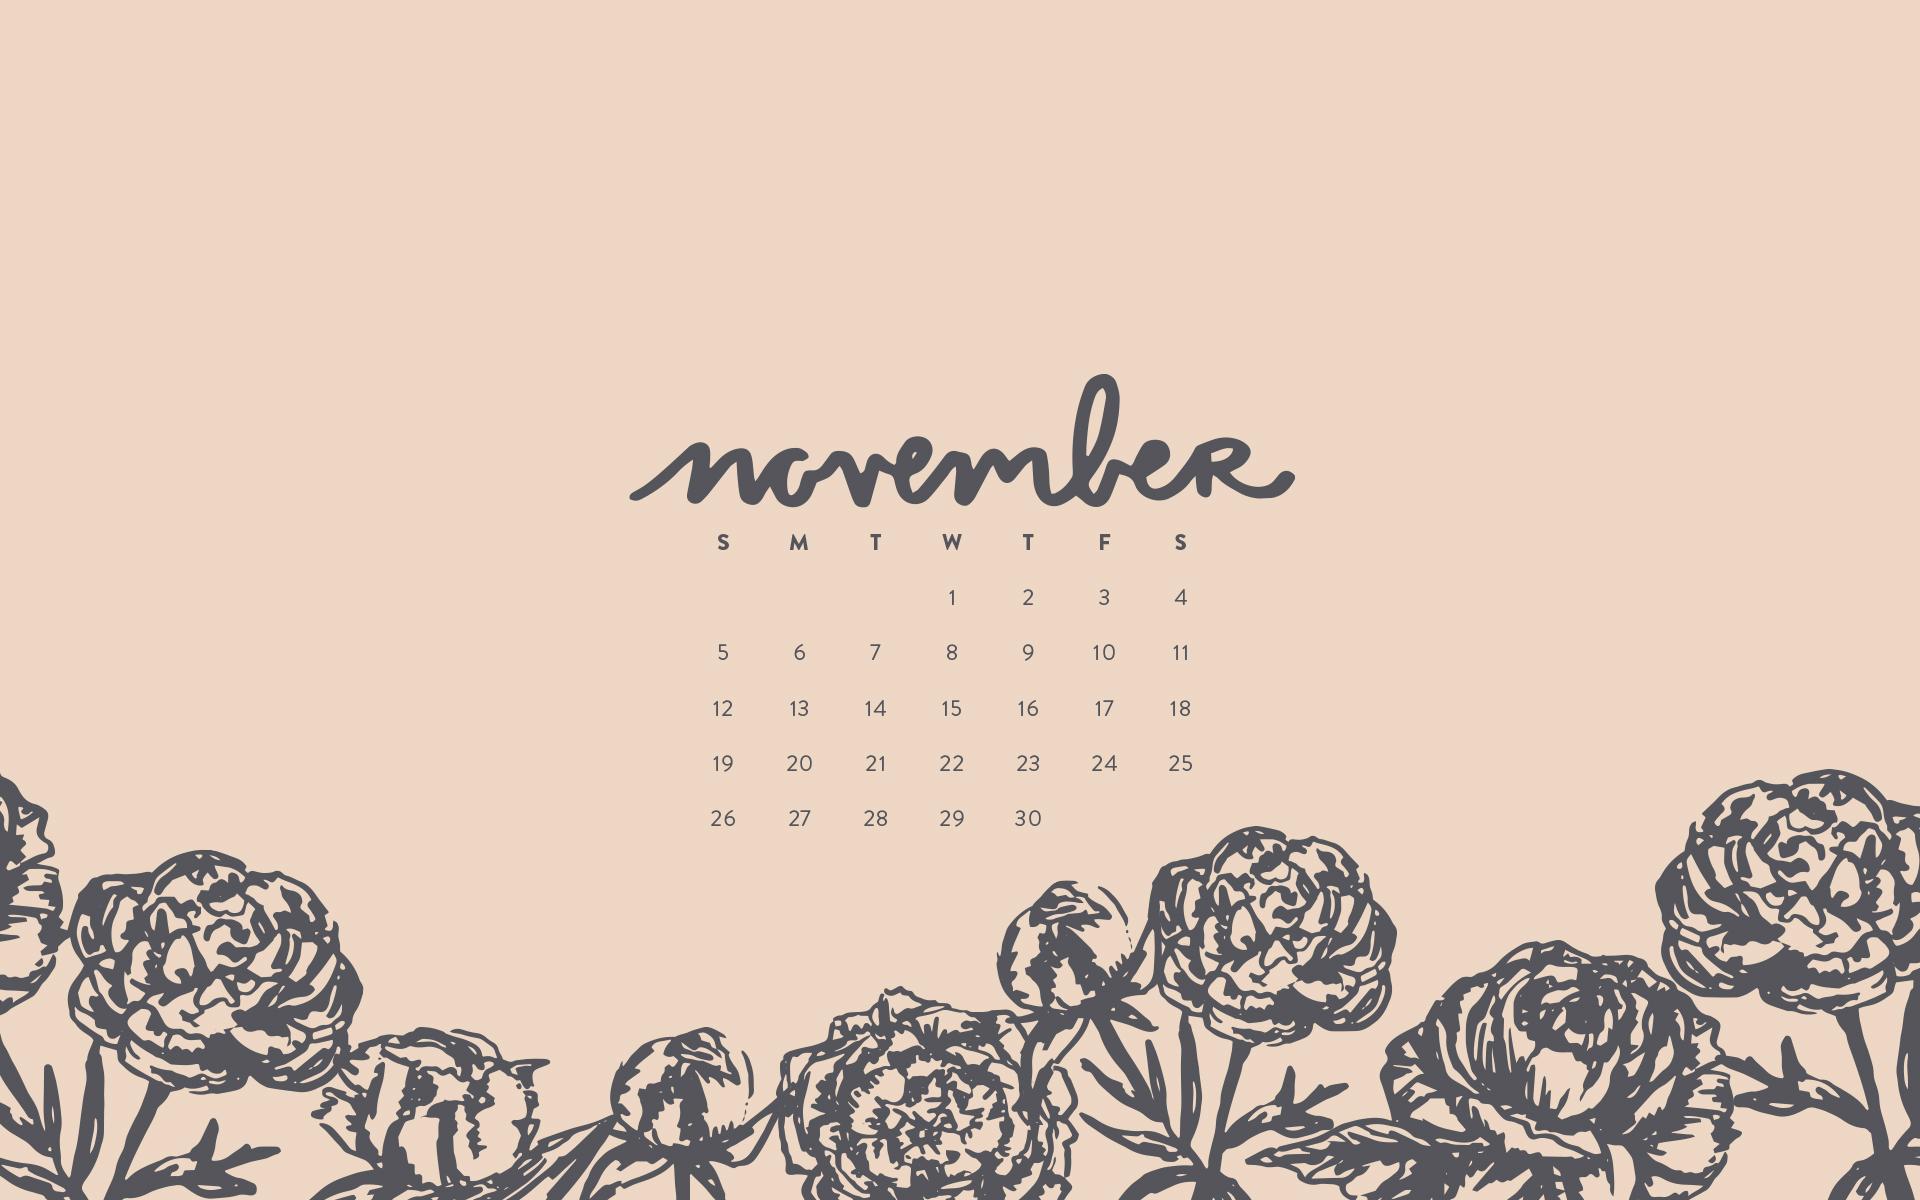 Desktop Calendar Wallpaper Creator : Wallpaper: november 2017 calendar & pattern u2014 britt fabello